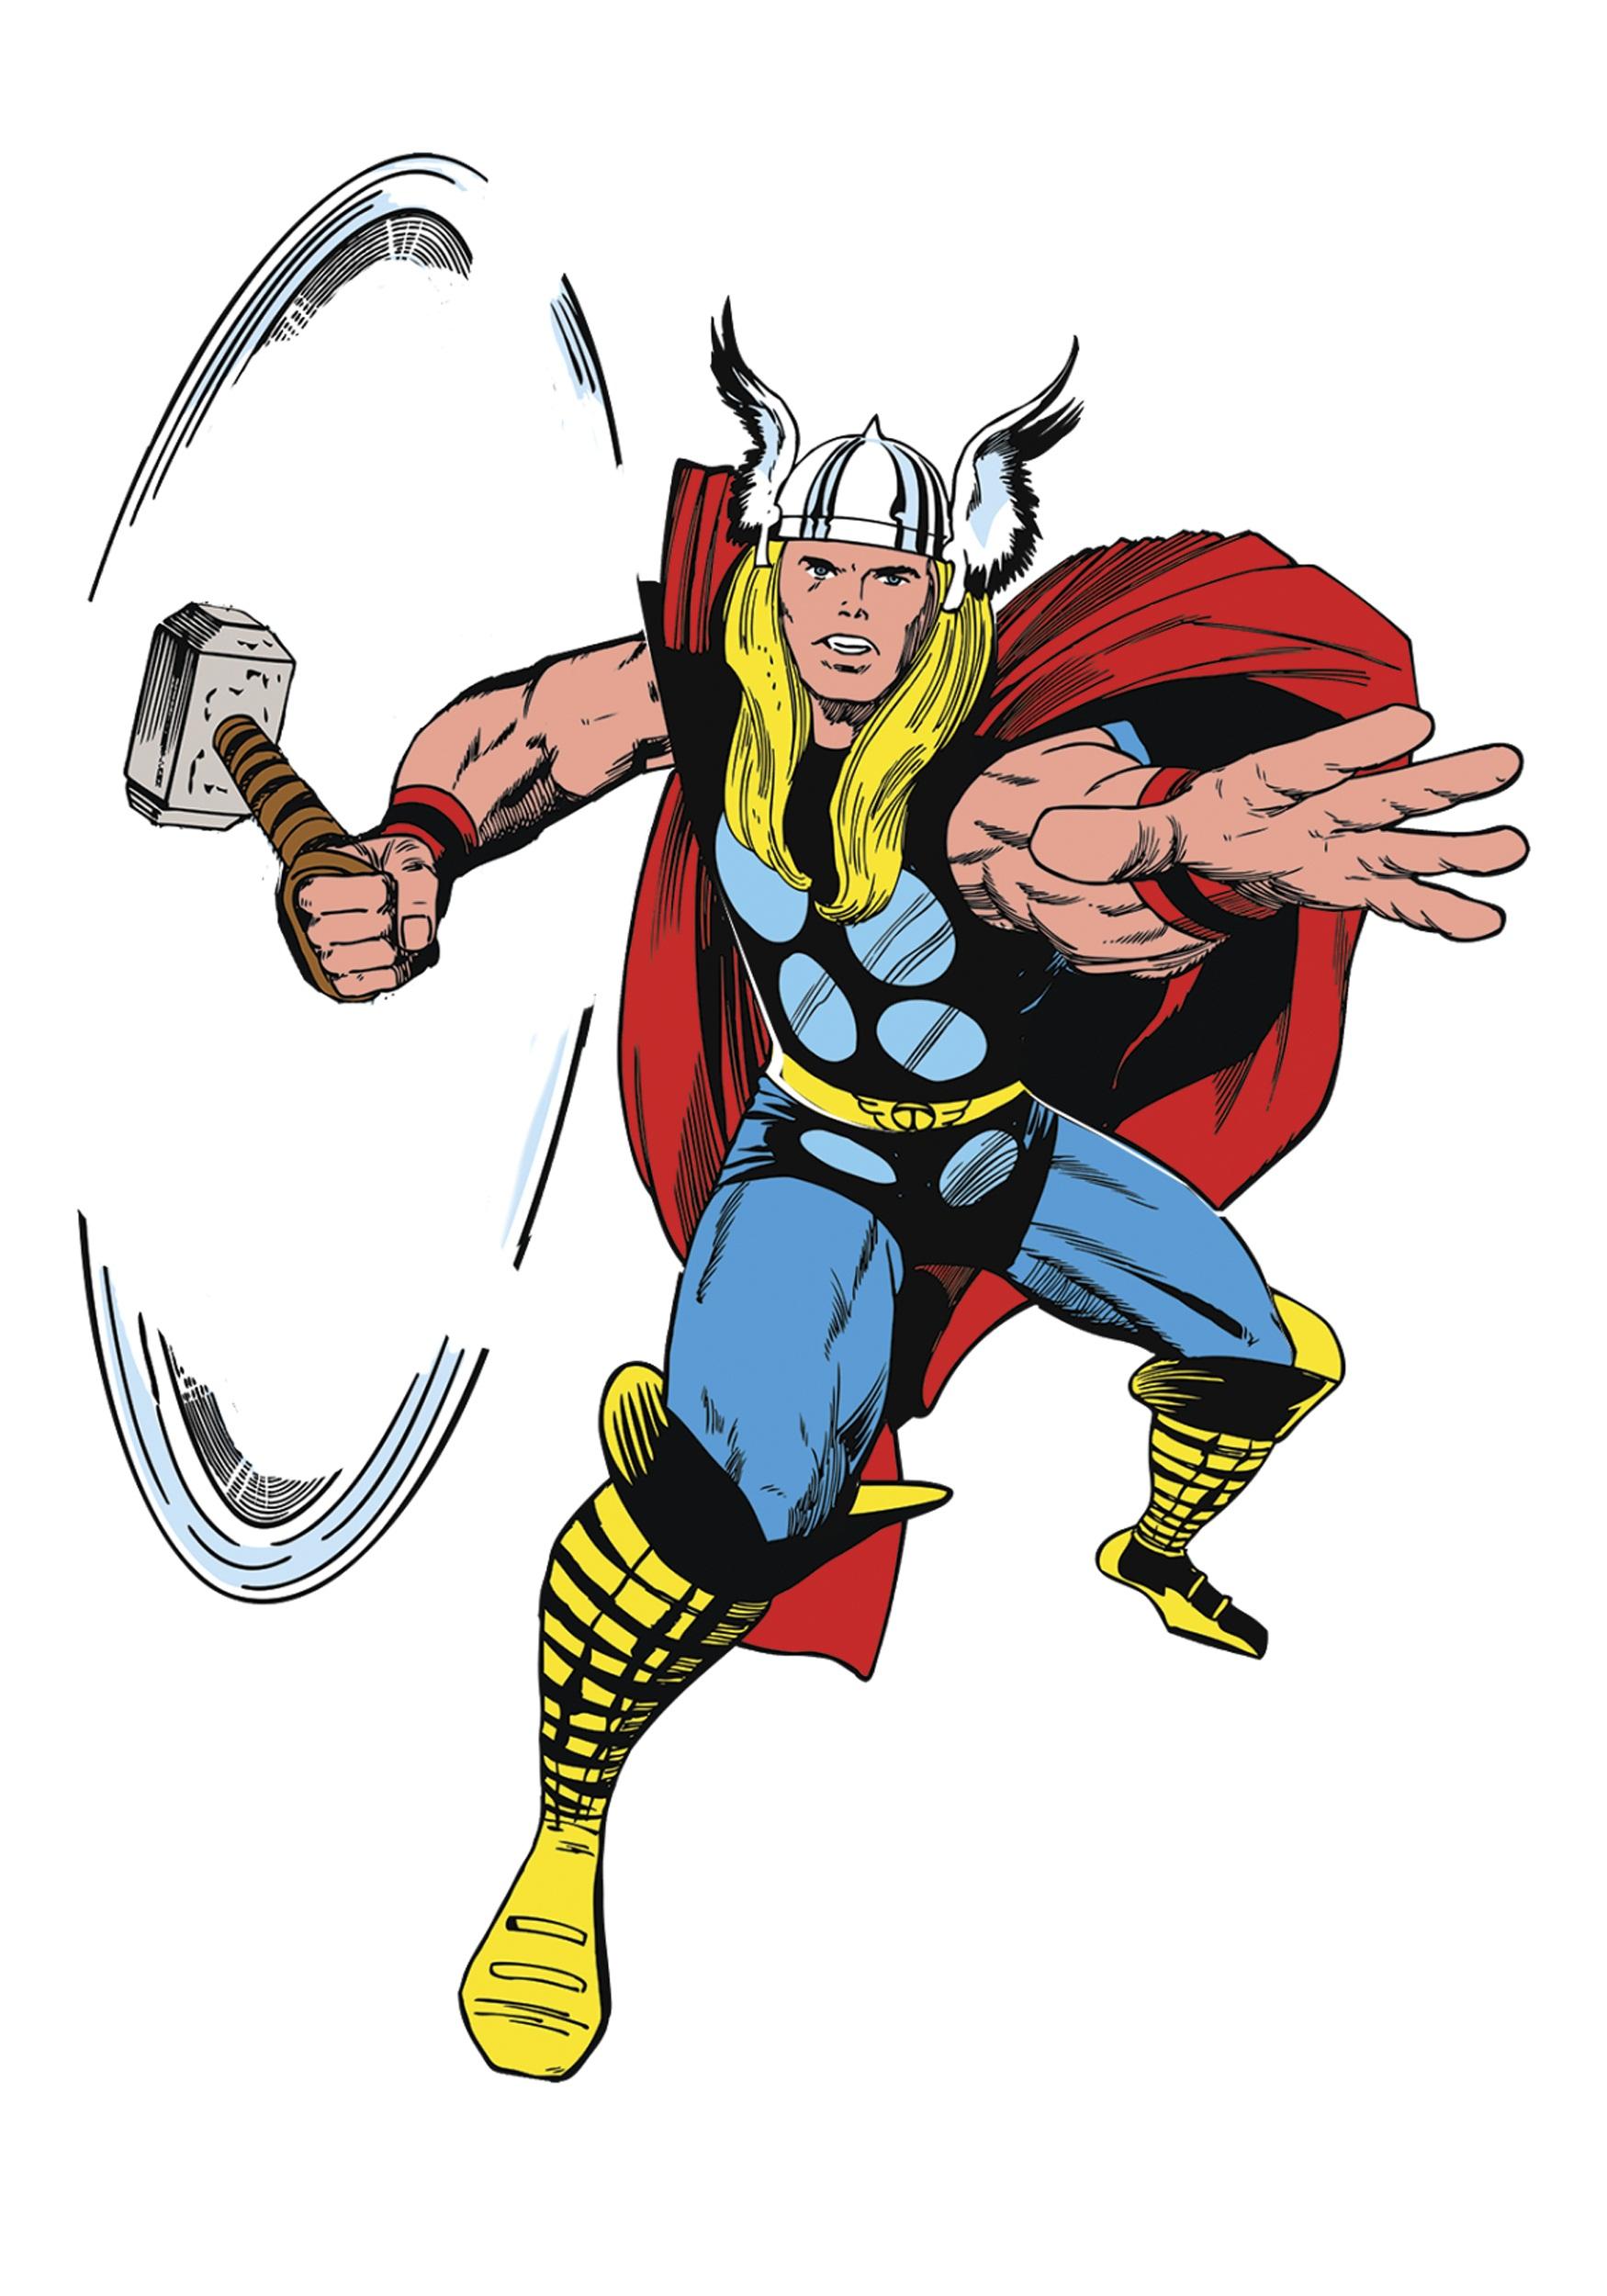 https://hobbydb-production.s3.amazonaws.com/processed_uploads/subject_photo/subject_photo/image/2855/1415856161-2-9707/Thor.jpg